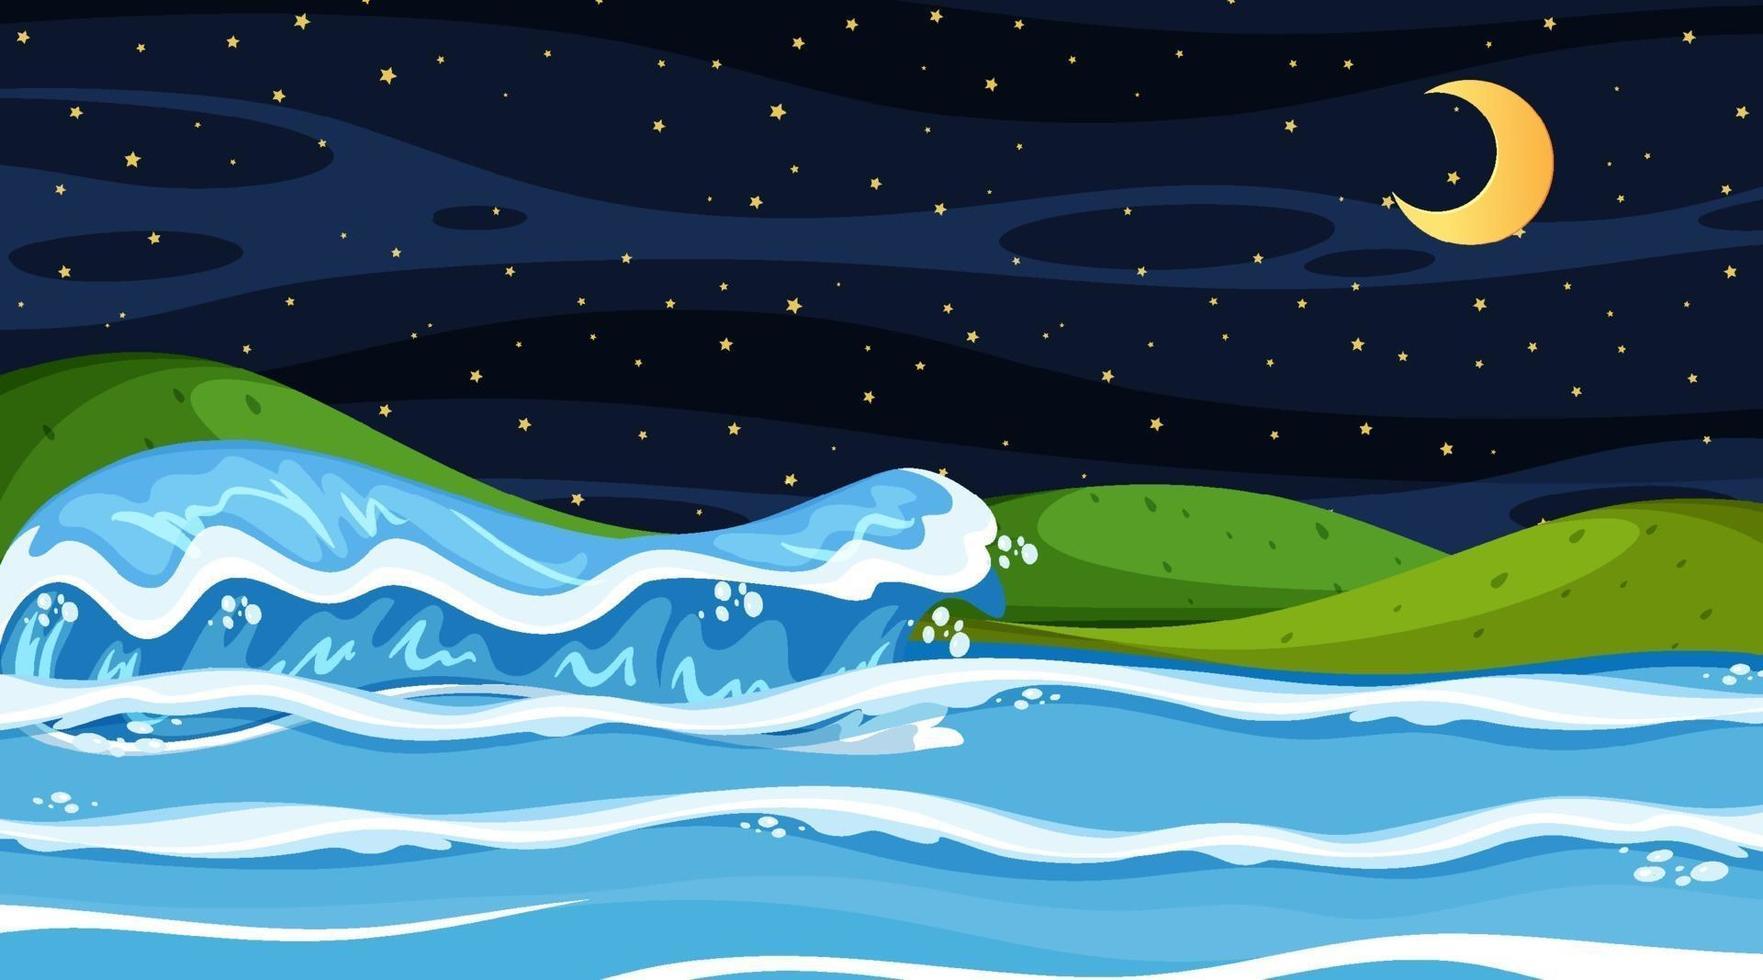 paisagem de praia à noite com ondas do mar vetor